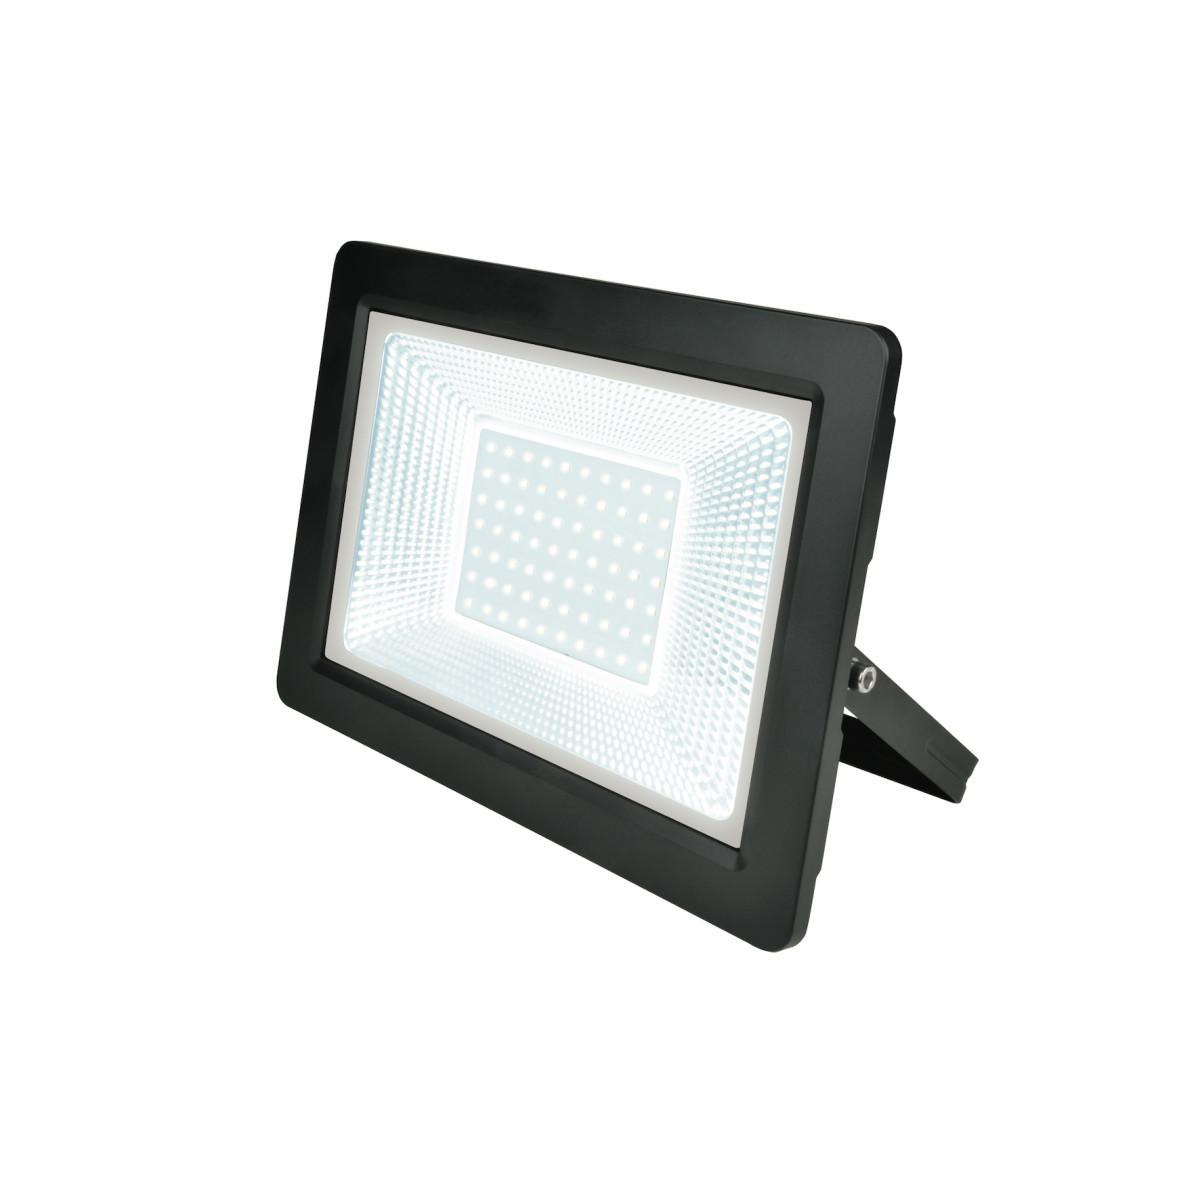 Прожектор светодиодный уличный Uniel F19 UL-00005155 4000 К IP65 9000 Лм